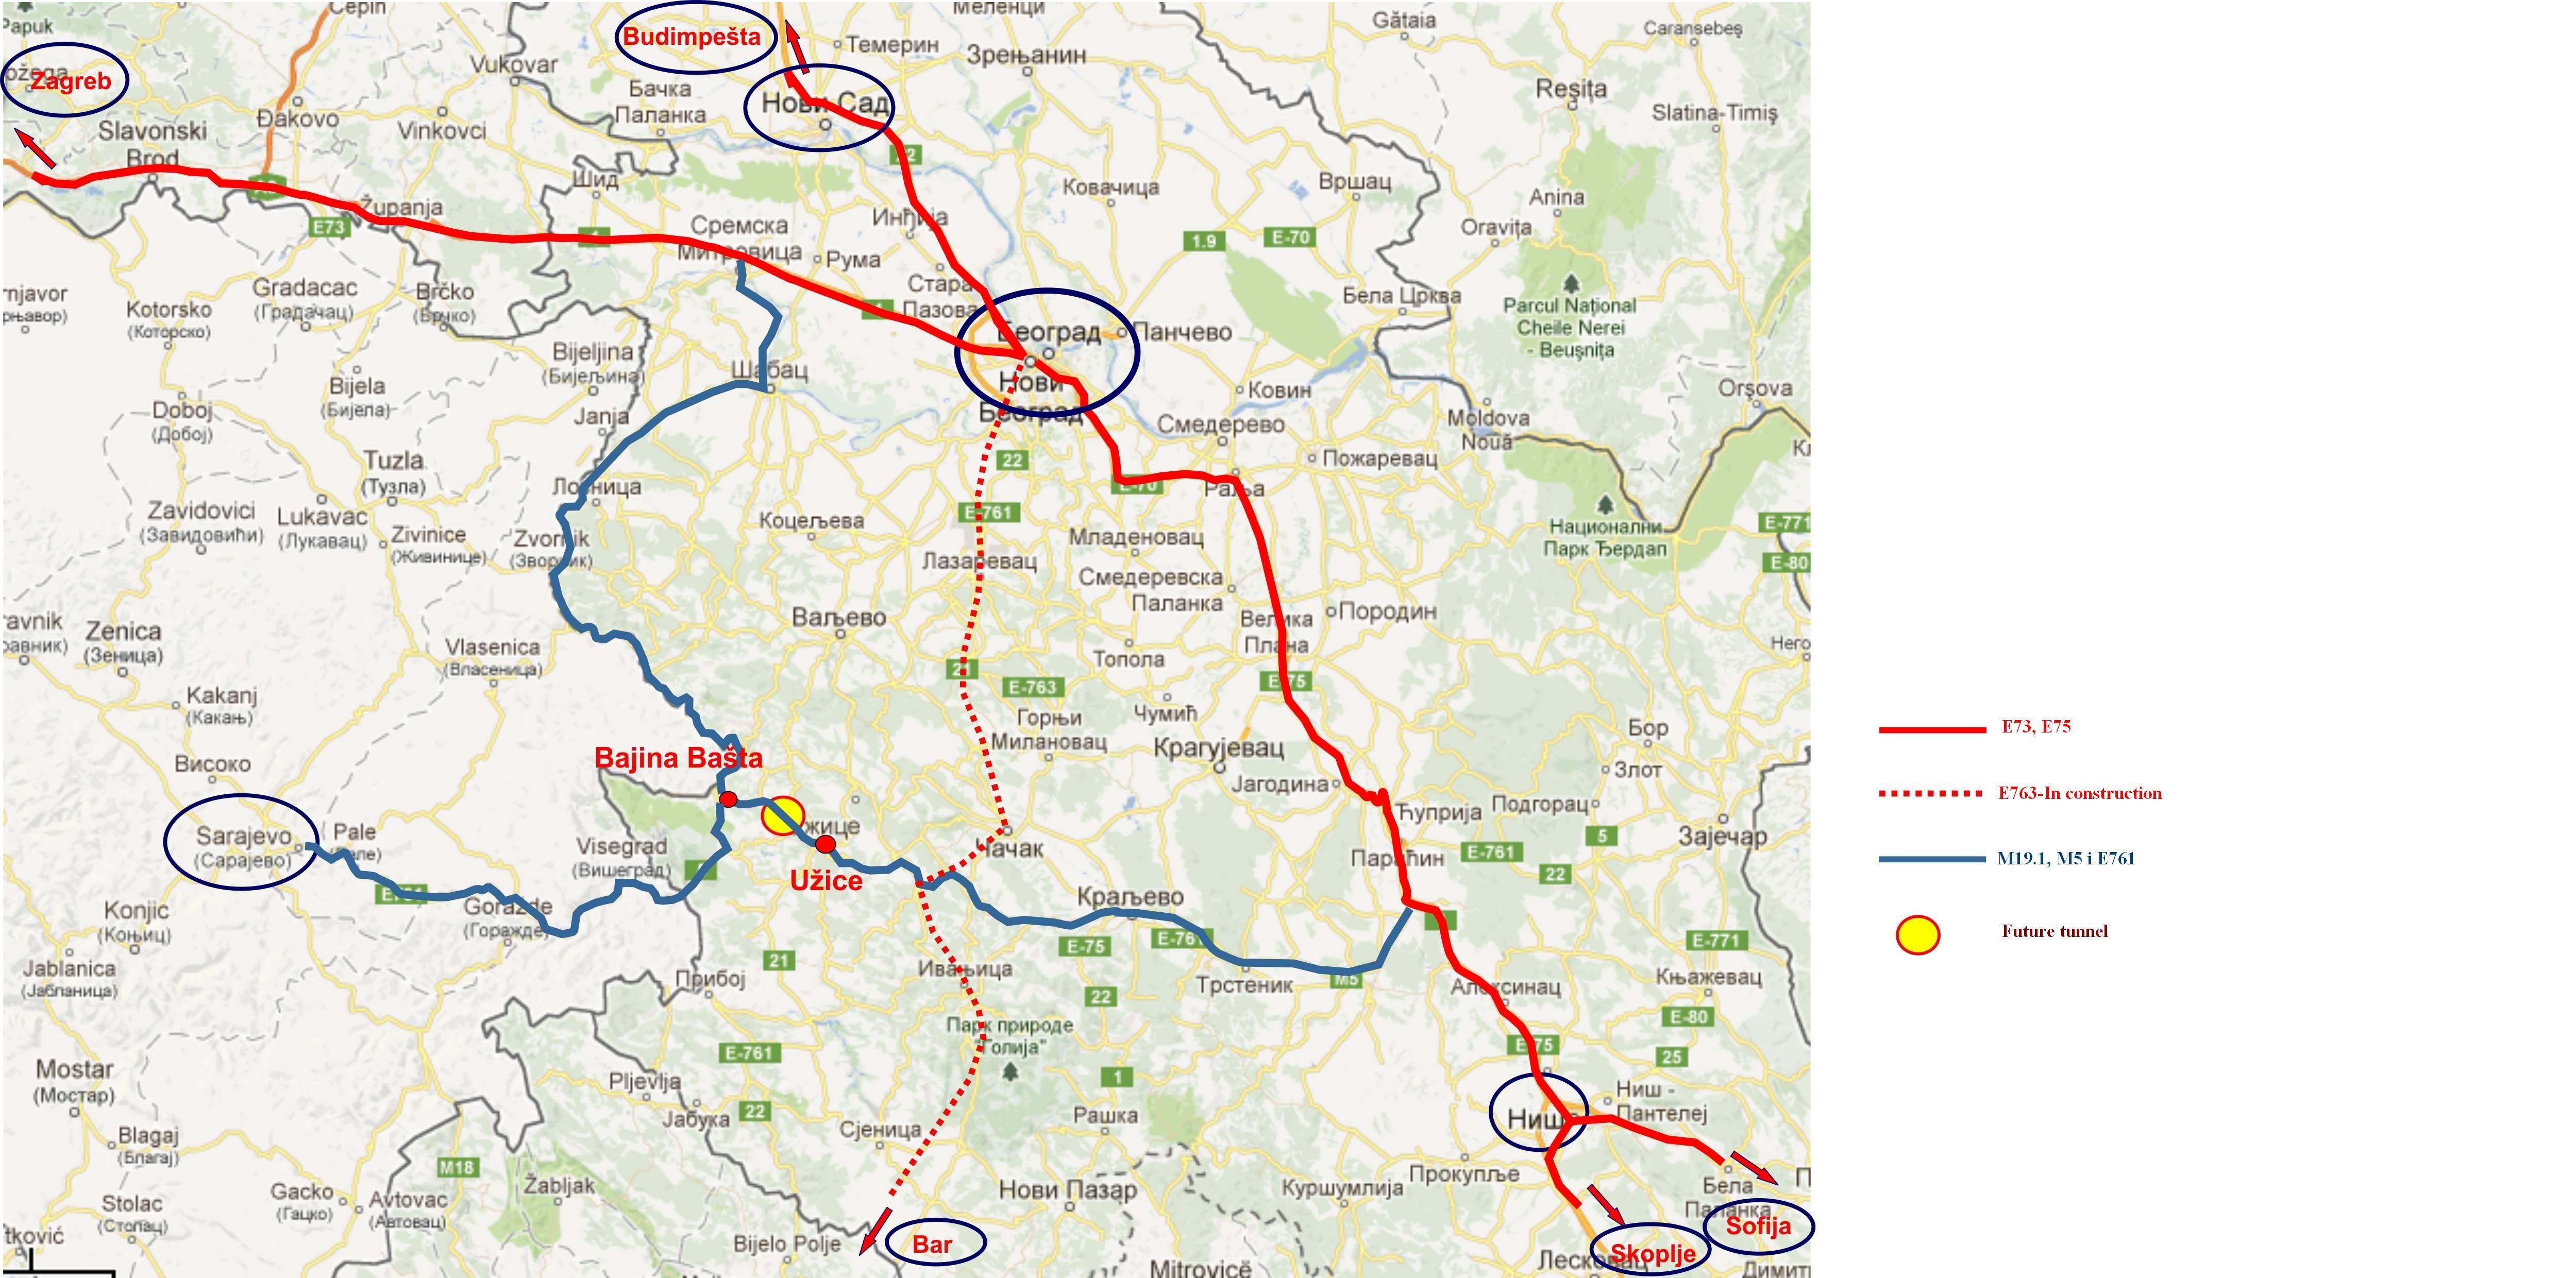 Karta sa putevima